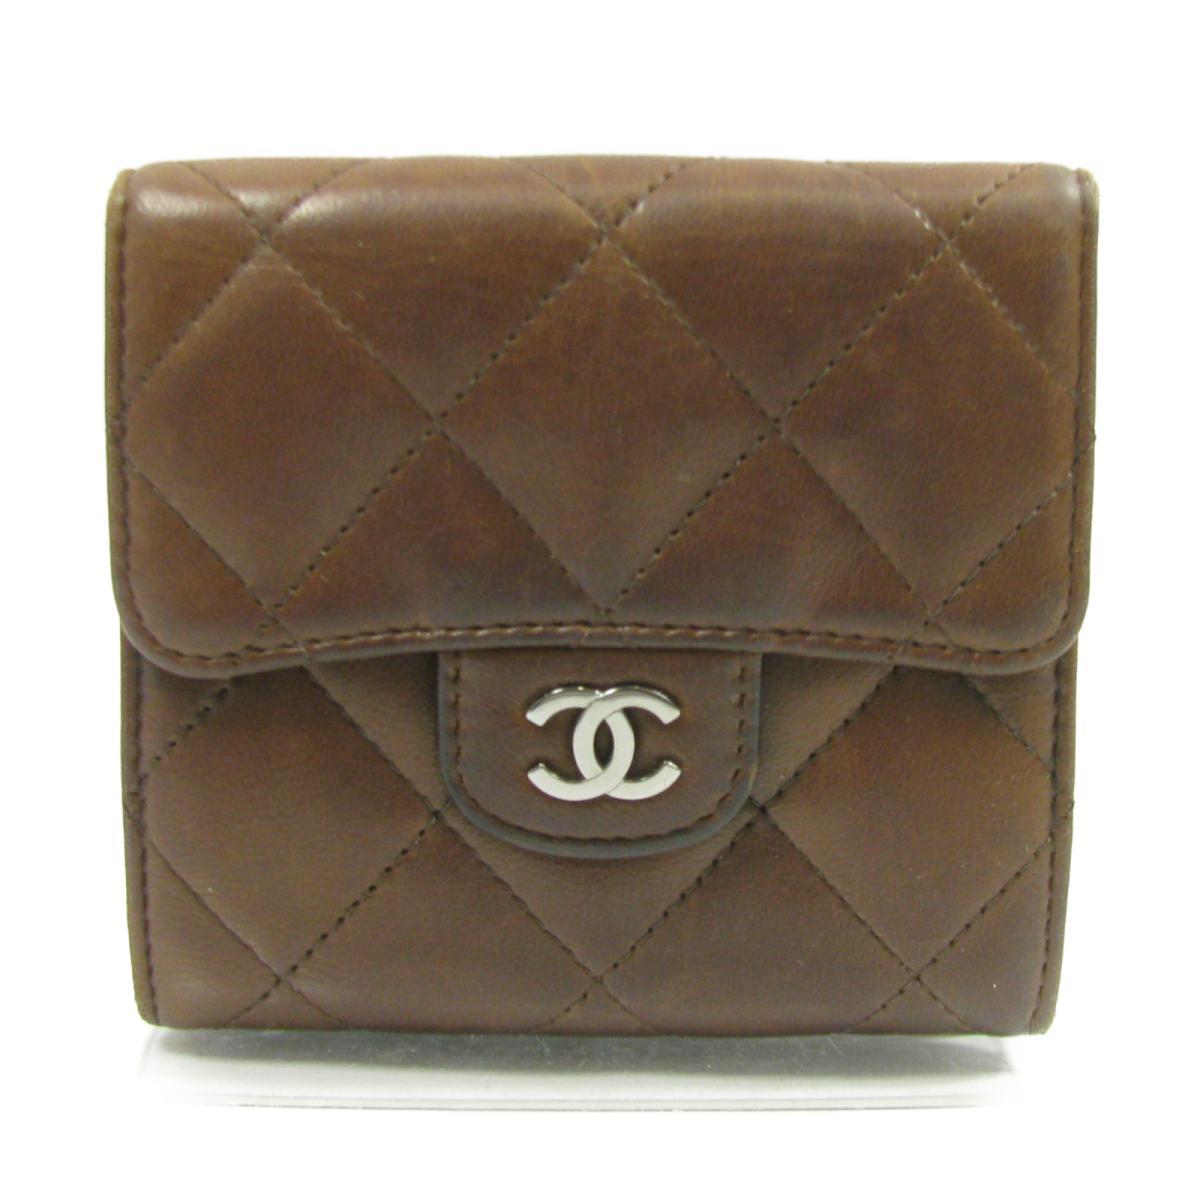 Wホック財布 財布